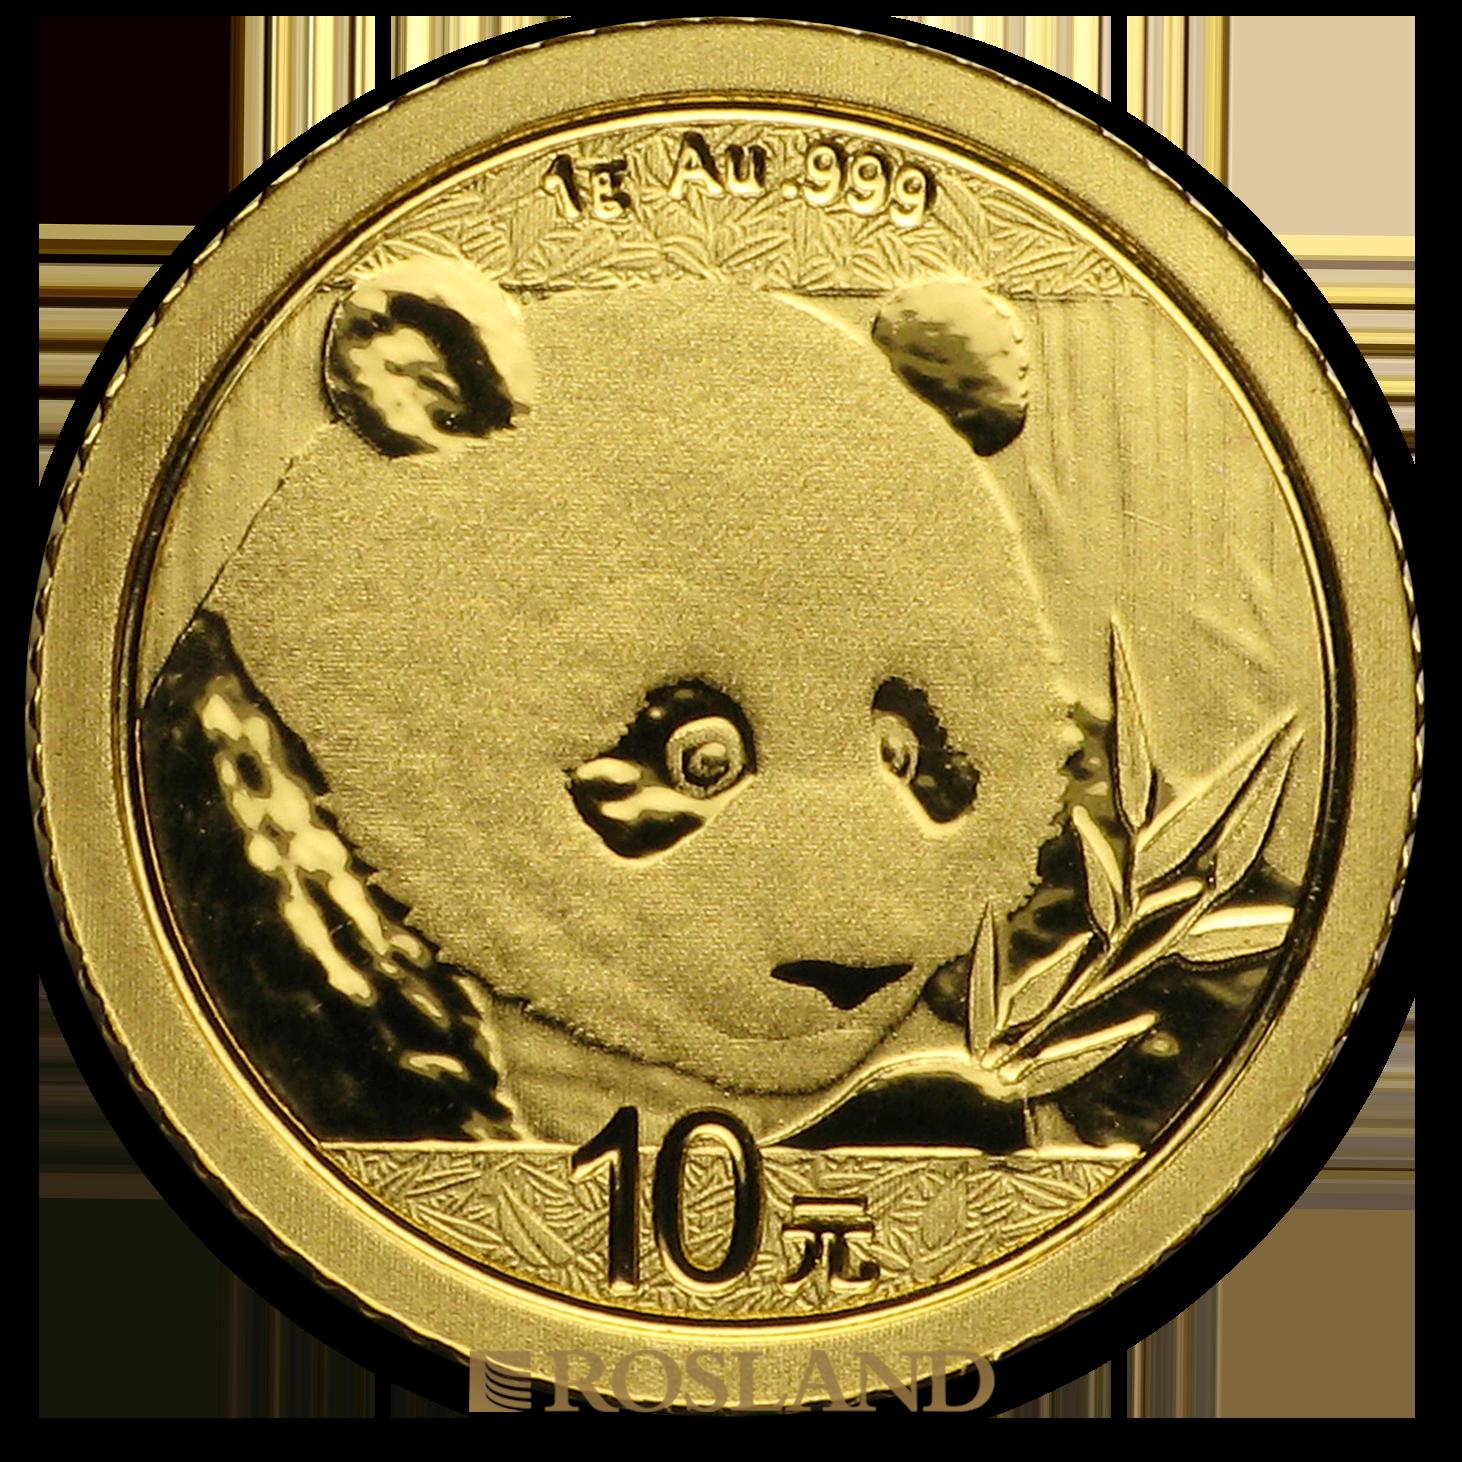 1 Gramm Goldmünze China Panda 2018